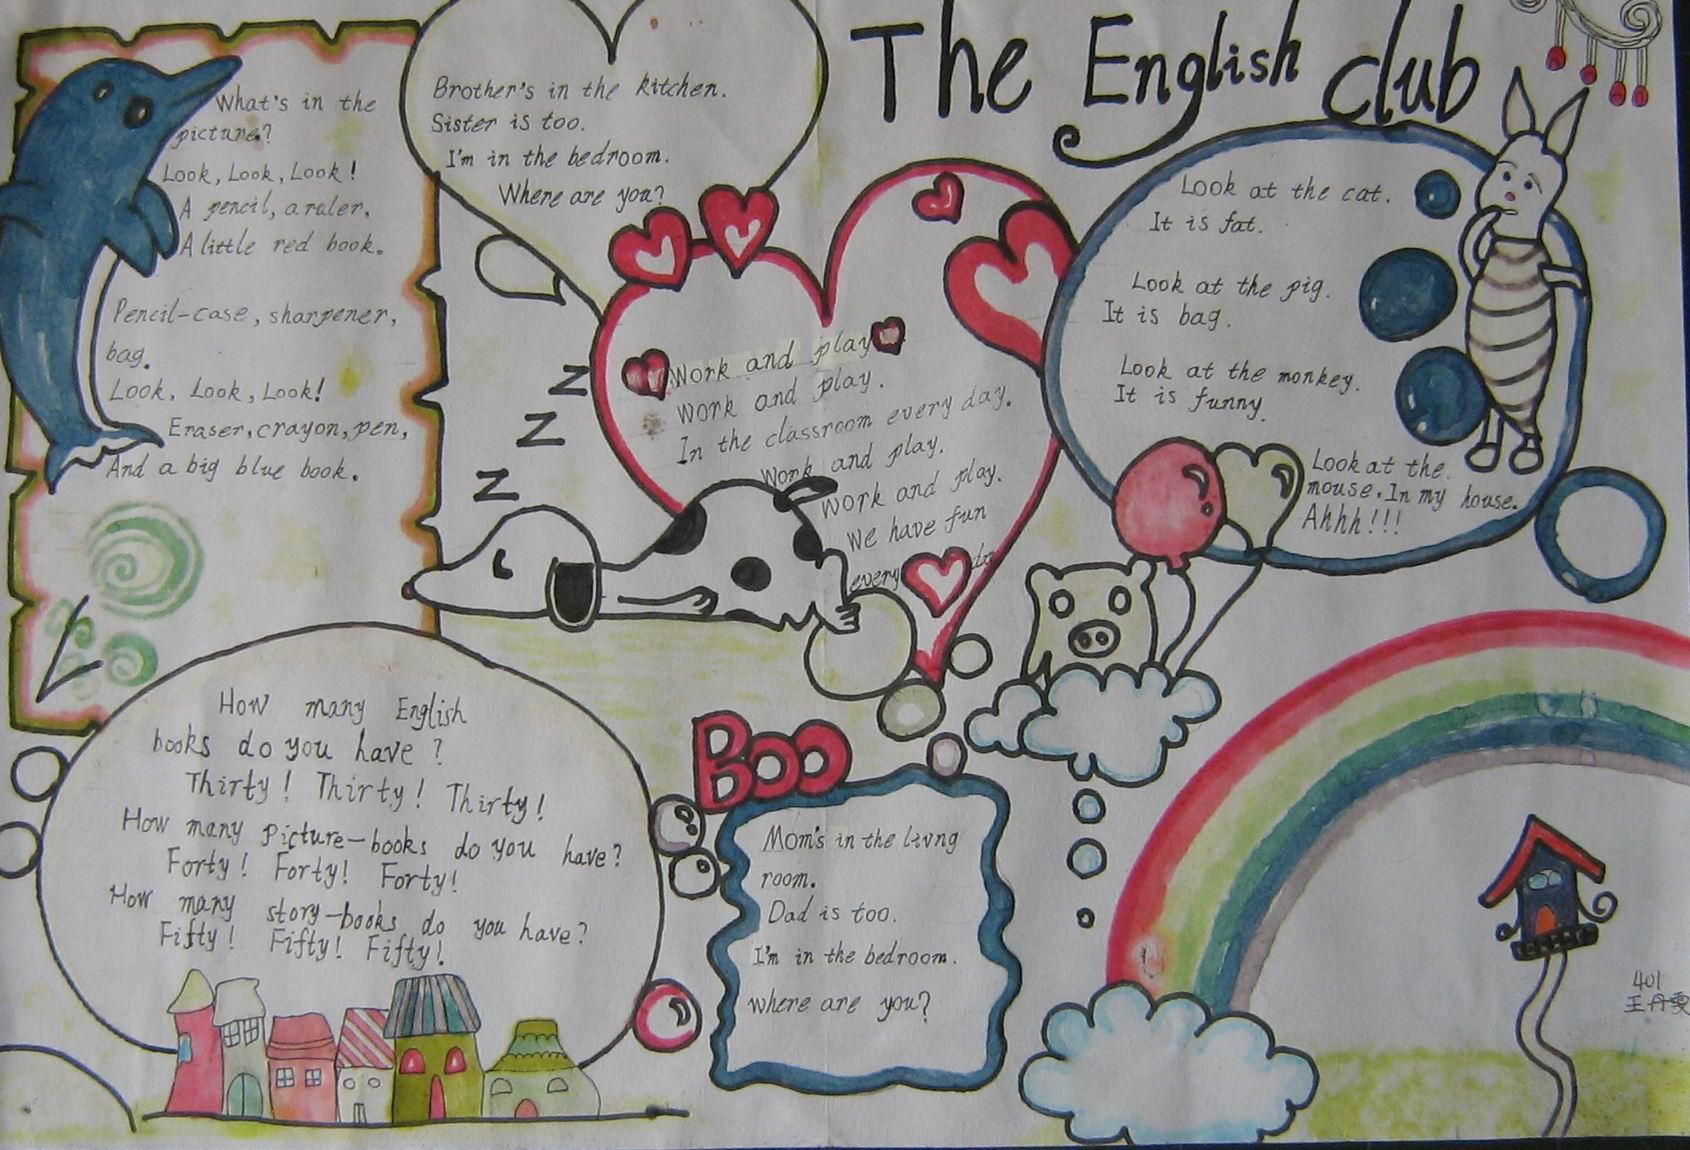 该怎么写英语小报呢要四年级下半年一单元( 最好有图片) 漂亮的图片